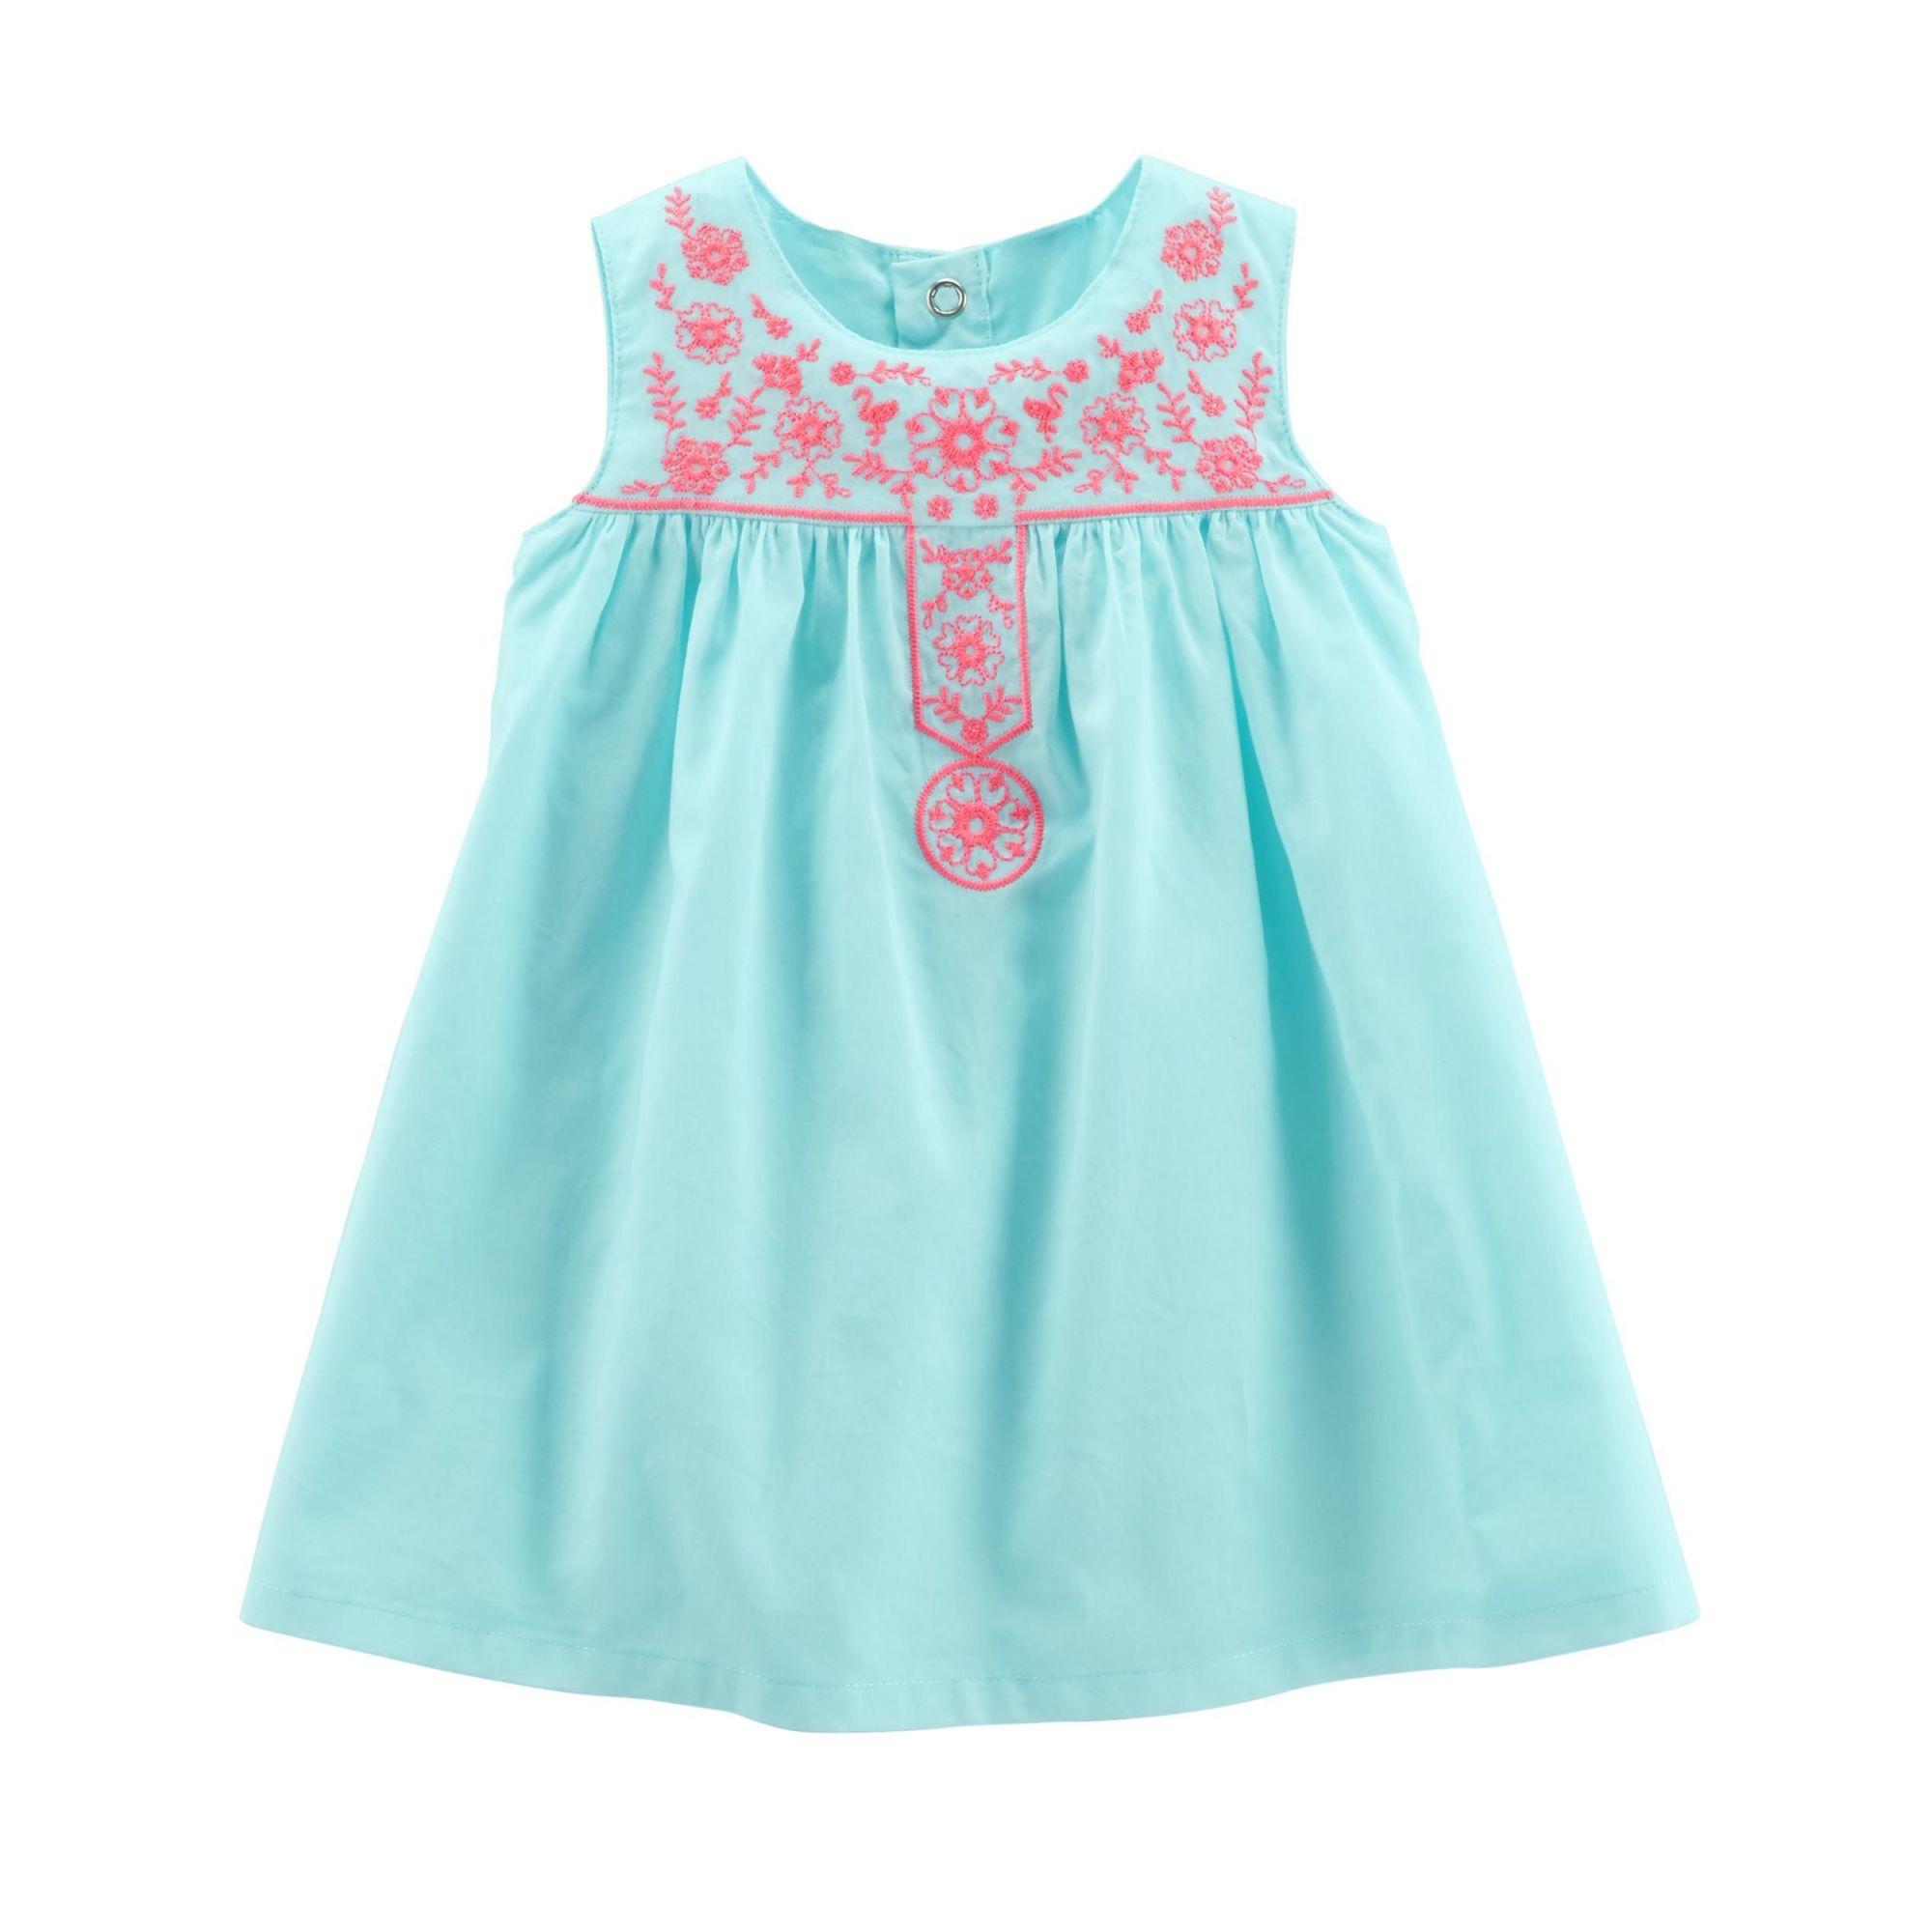 Vestido Carter's Azul com Bordado Rosa